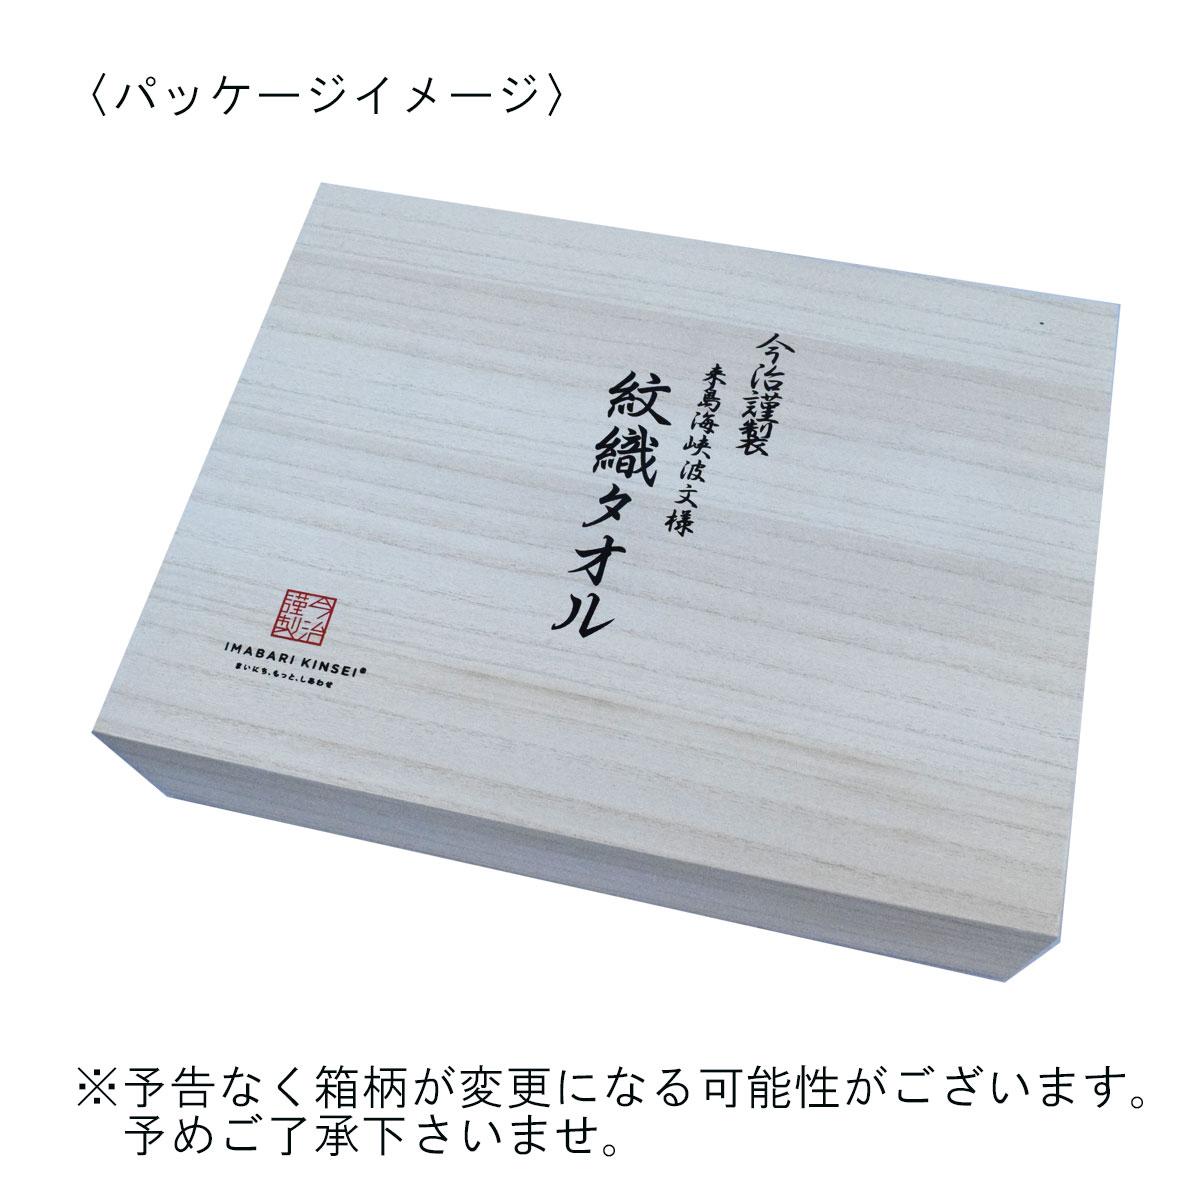 今治謹製 紋織タオル バスタオル×2/フェイスタオル×2/ウォッシュタオル×2